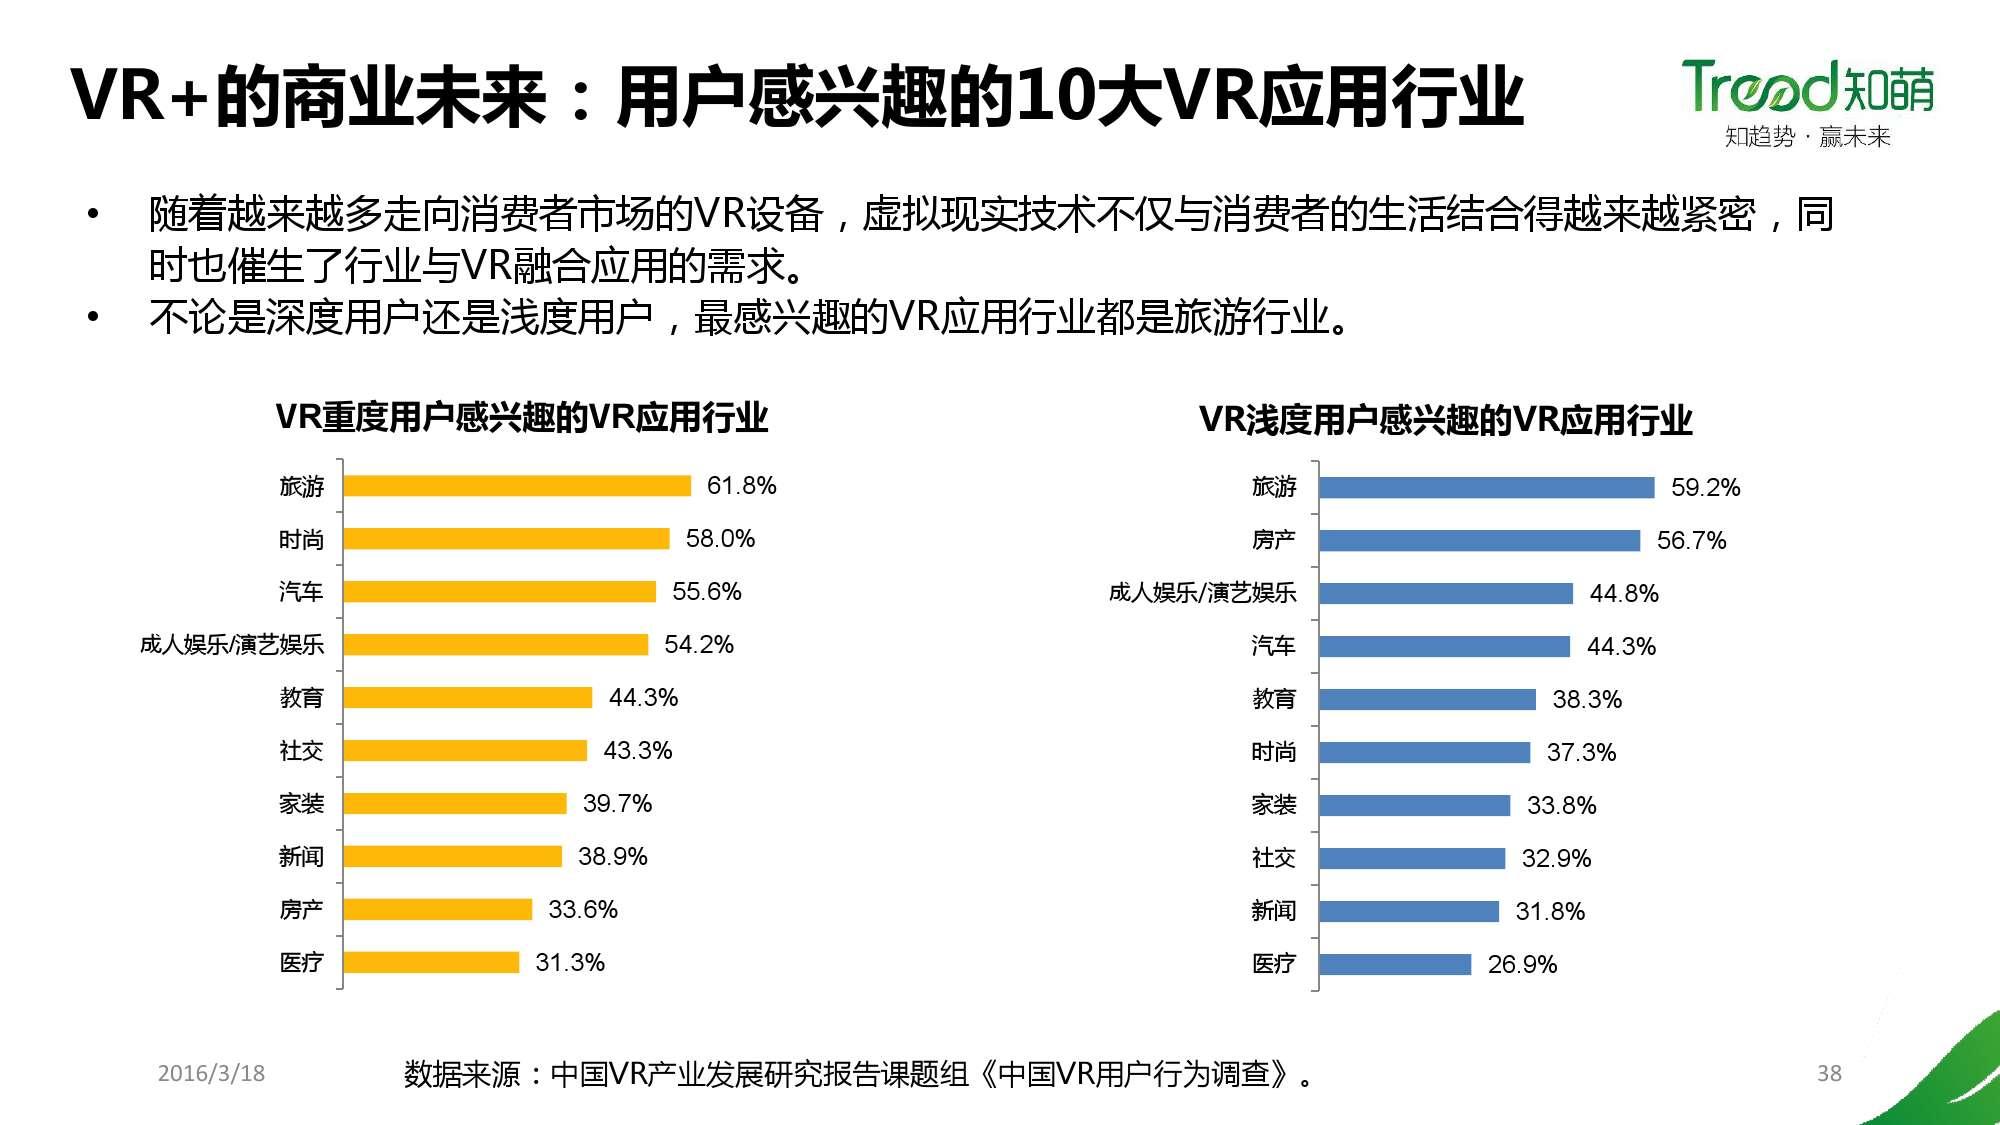 中国VR用户行为研究报告_000038